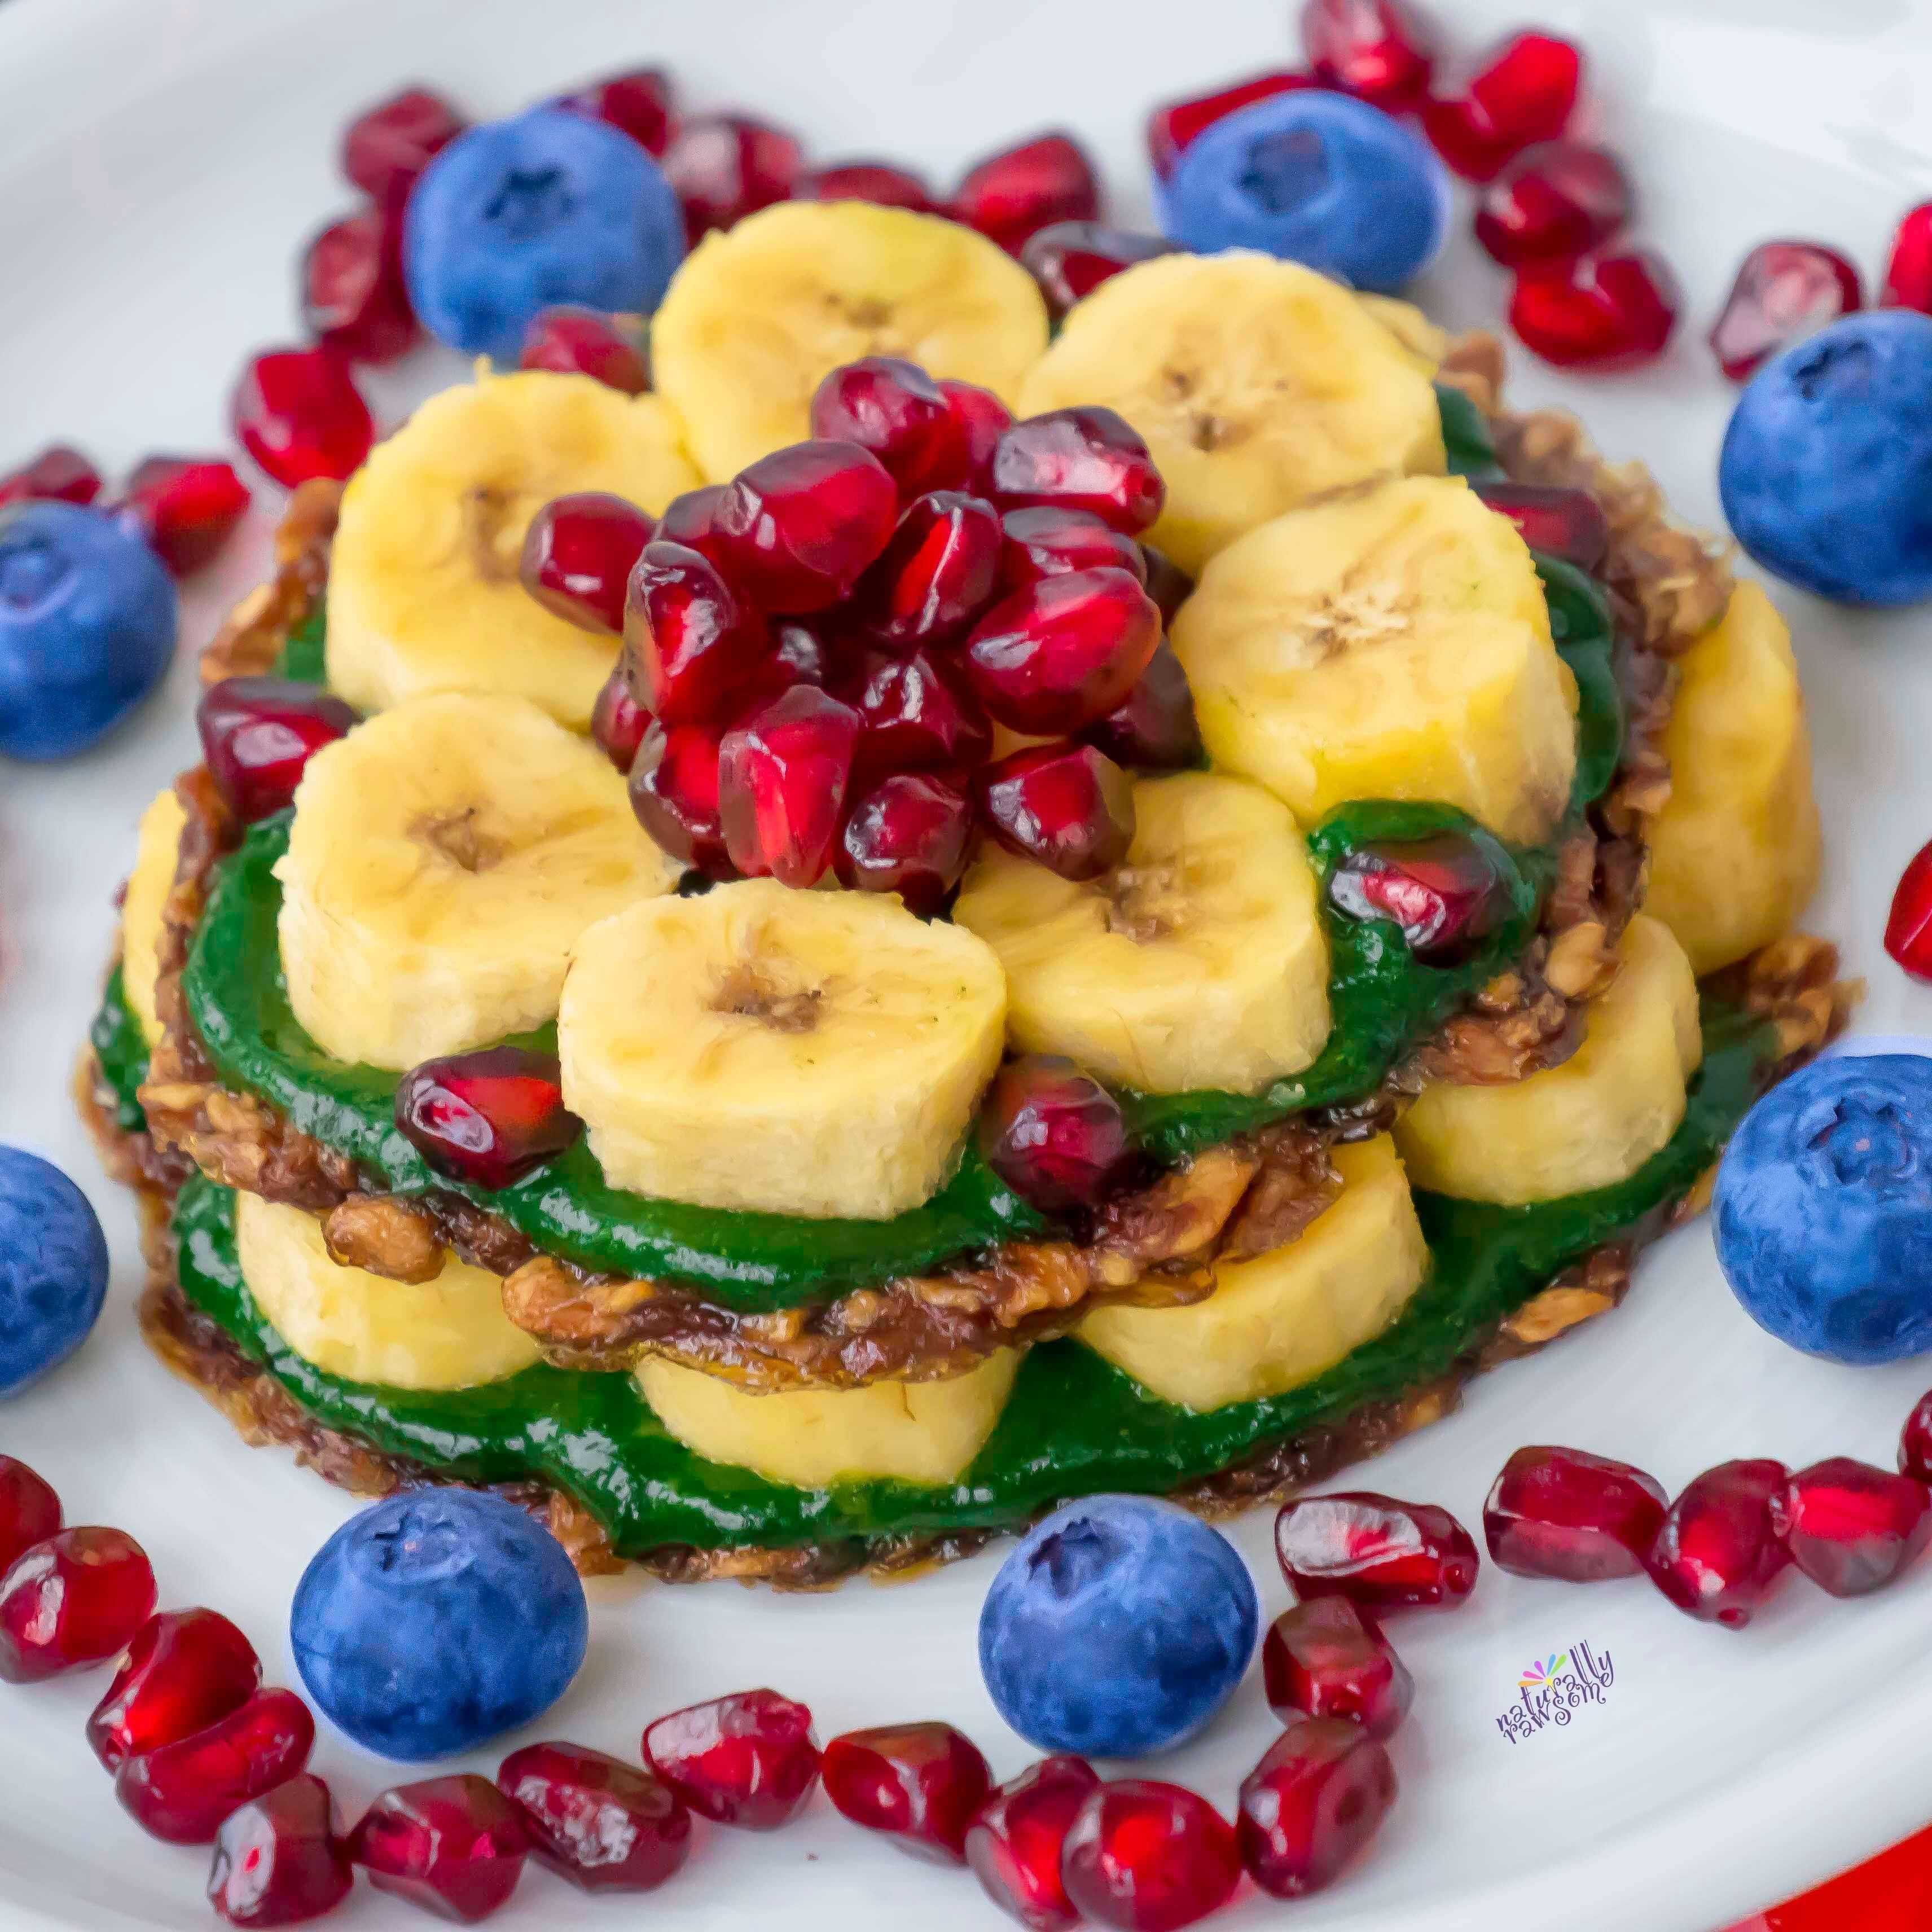 Banana-Protein Pancakes (raw)